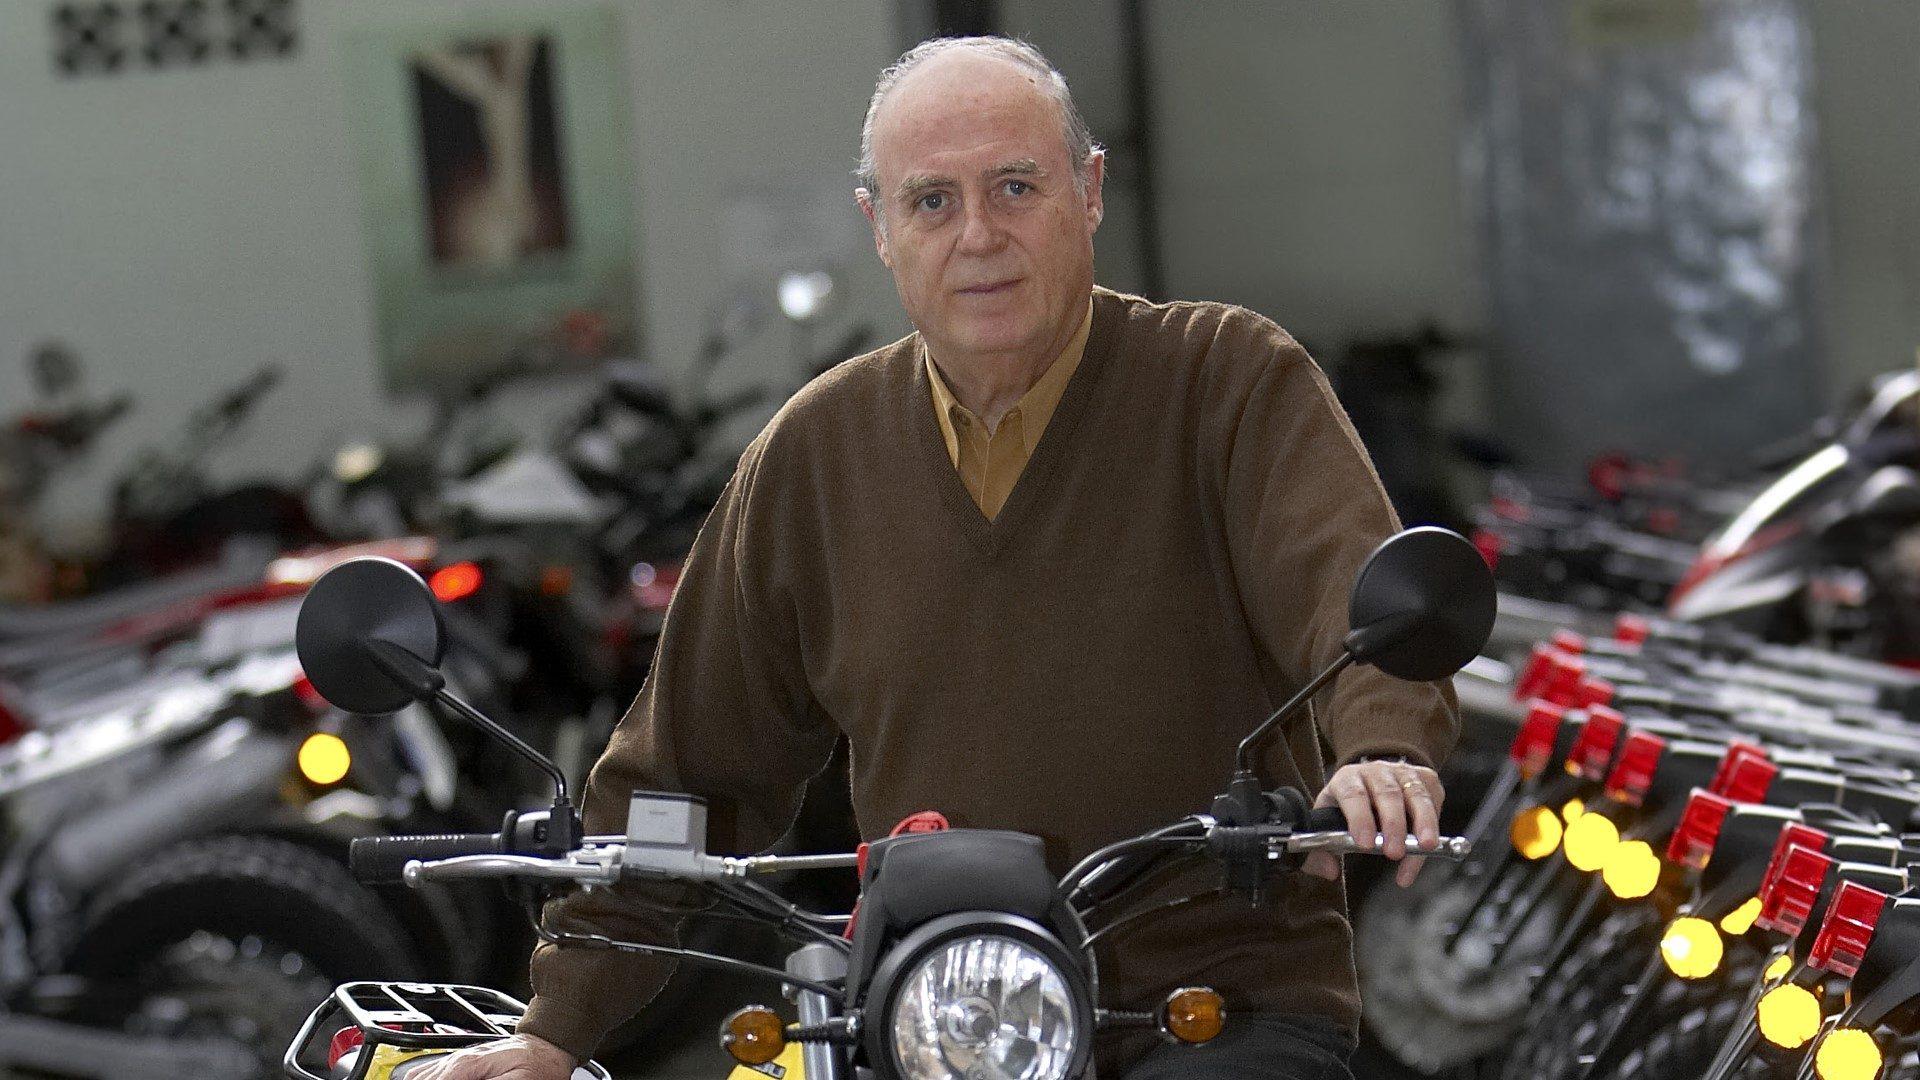 Fallece Jordi Riera Baró, hijo de uno de los fundadores de la mítica marca española Rieju